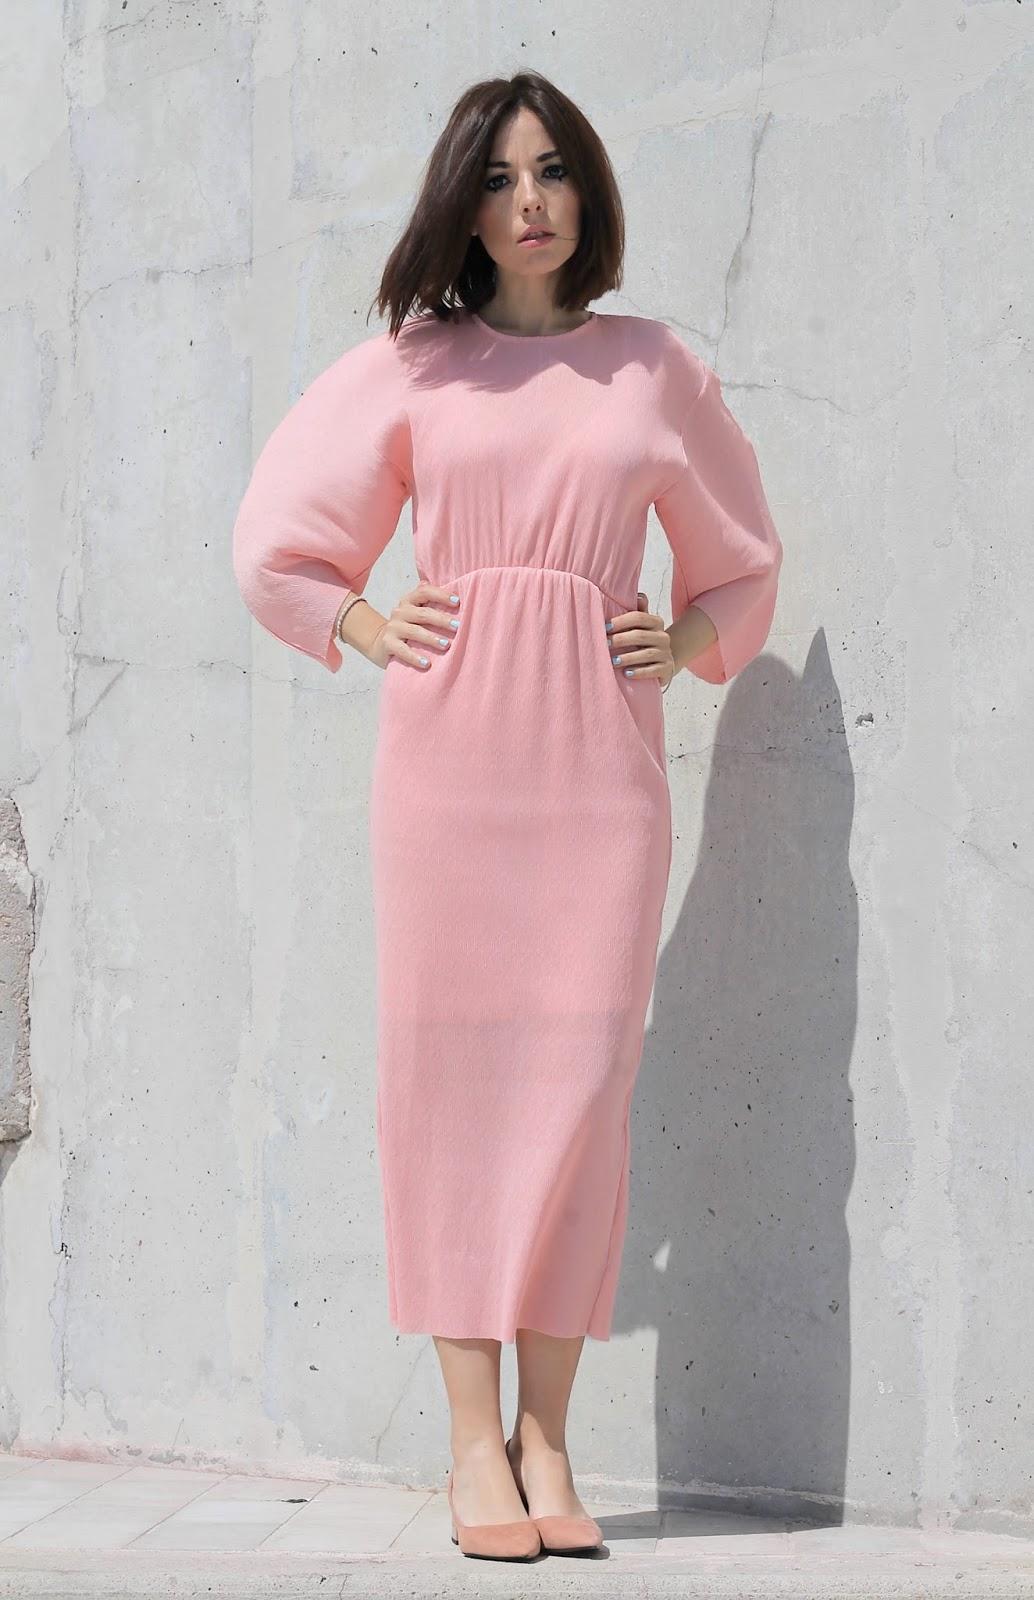 Scegliere un look monocromatico - Eniwhere Fashion